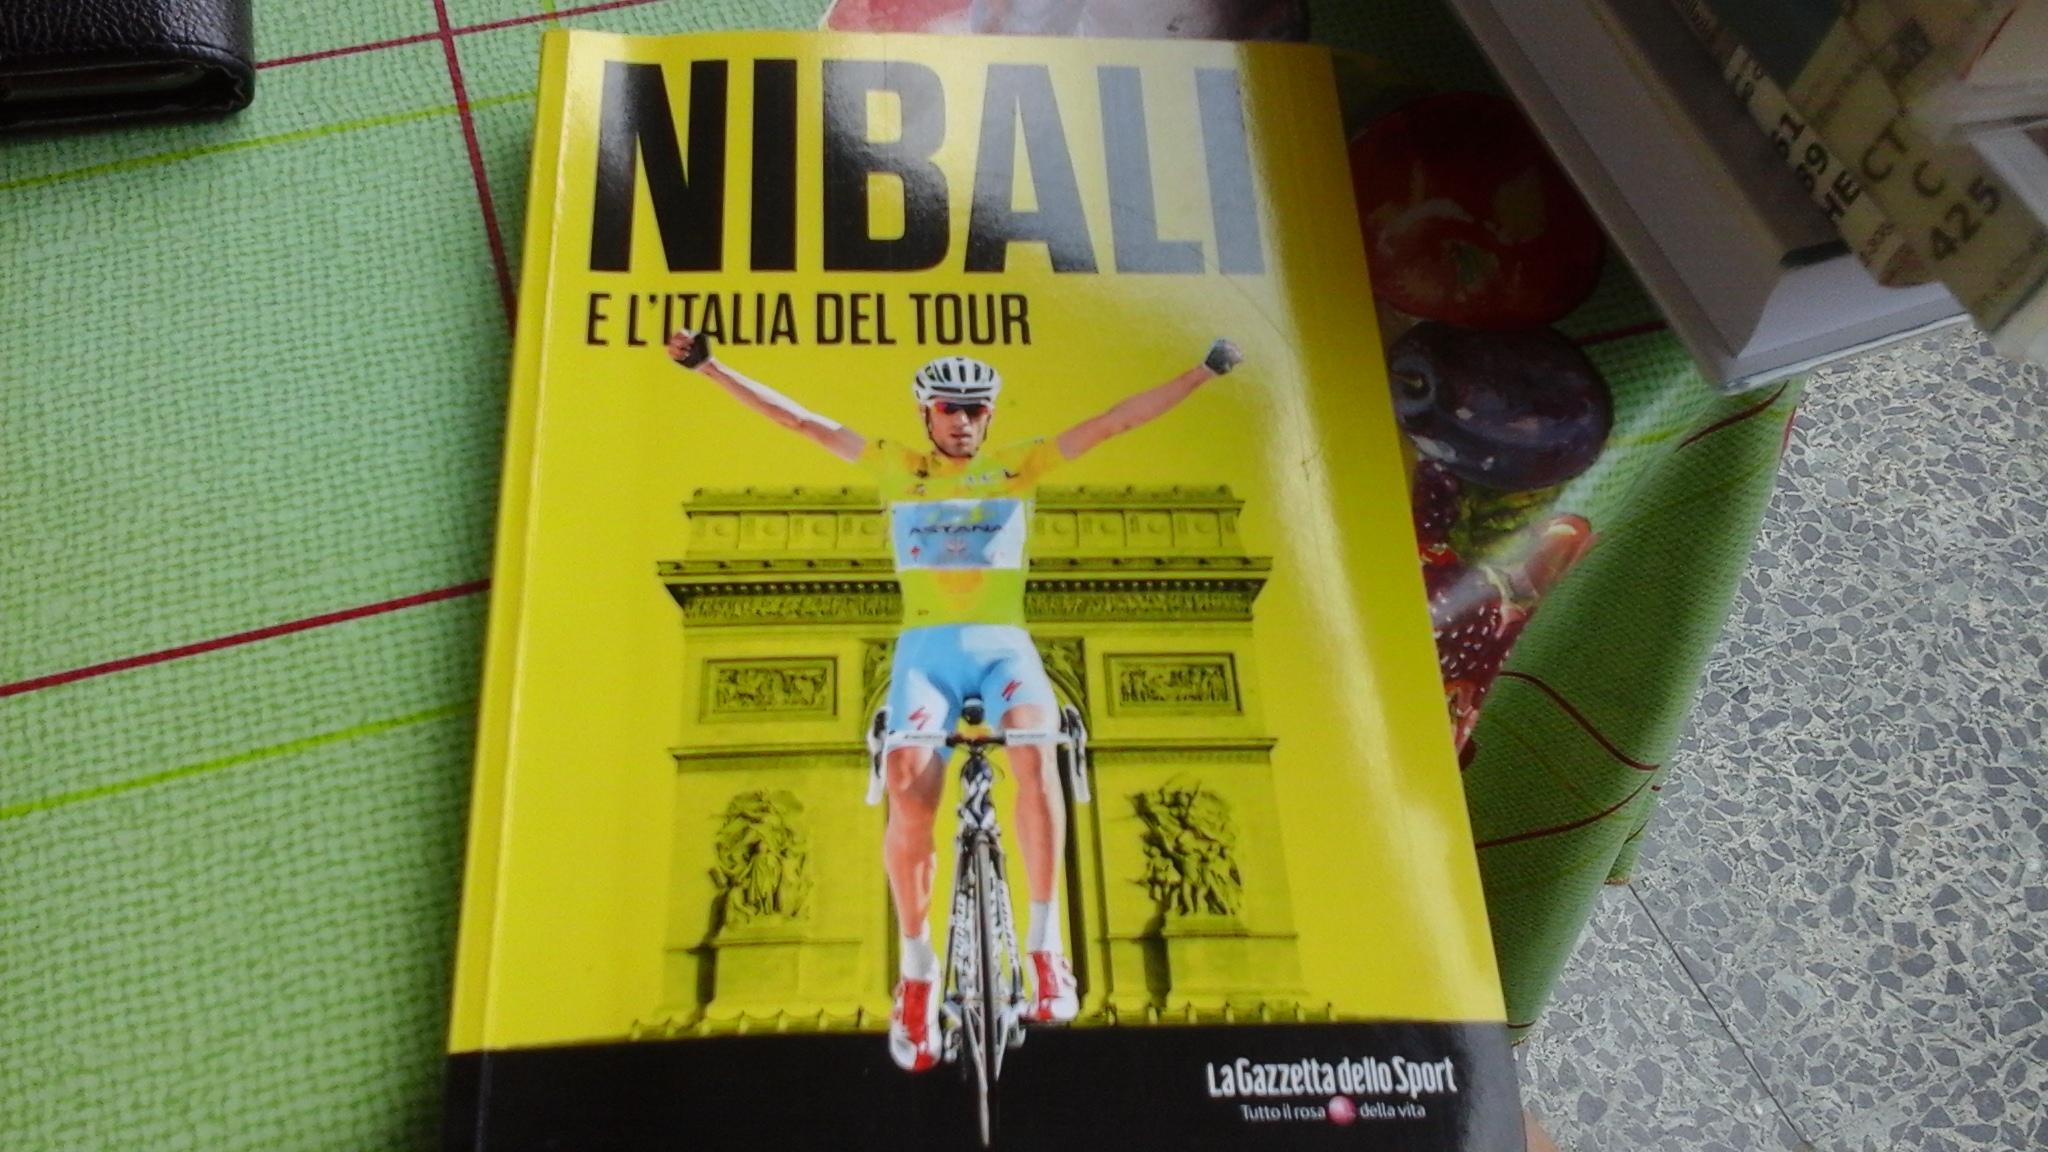 Nibali e l'Italia del Tour